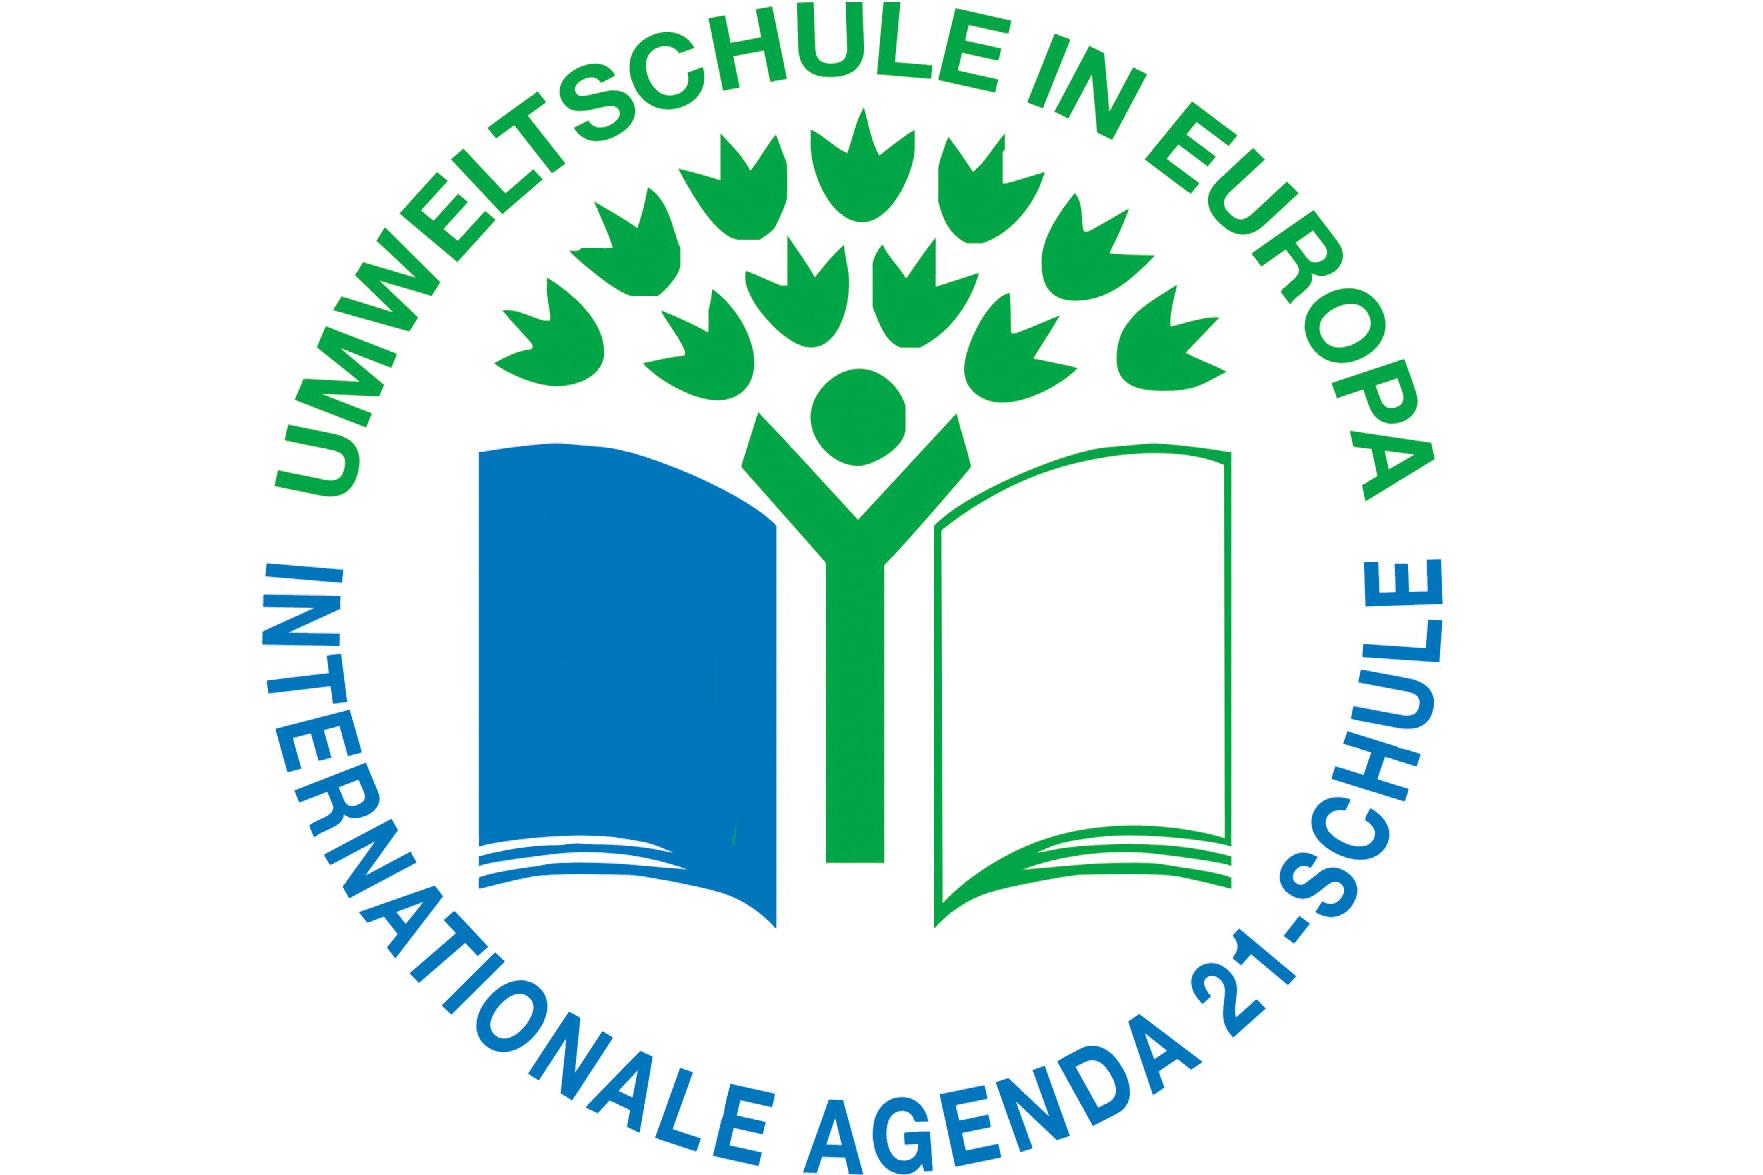 Bildergebnis für Umweltschule in Europa Logo